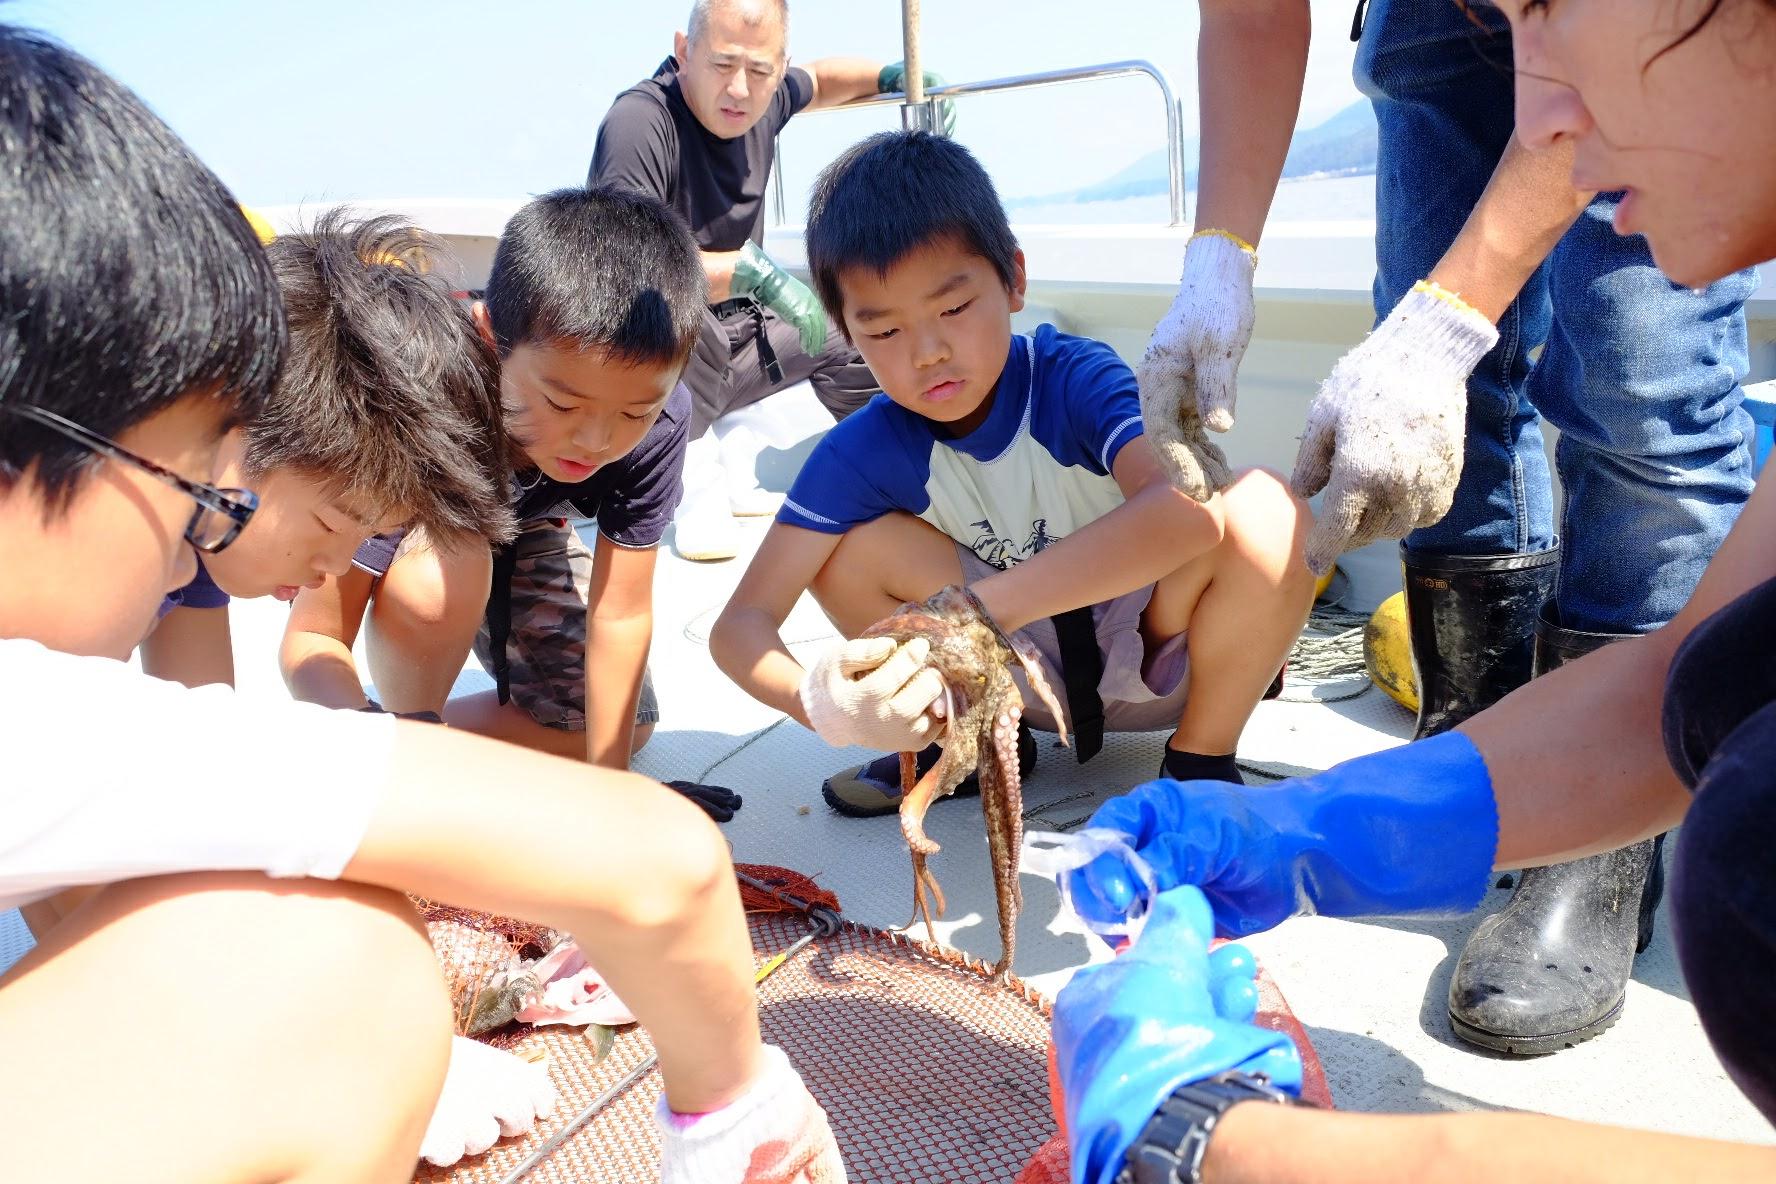 船に乗ってヌルヌルのタコを掴むたこかご漁の写真。